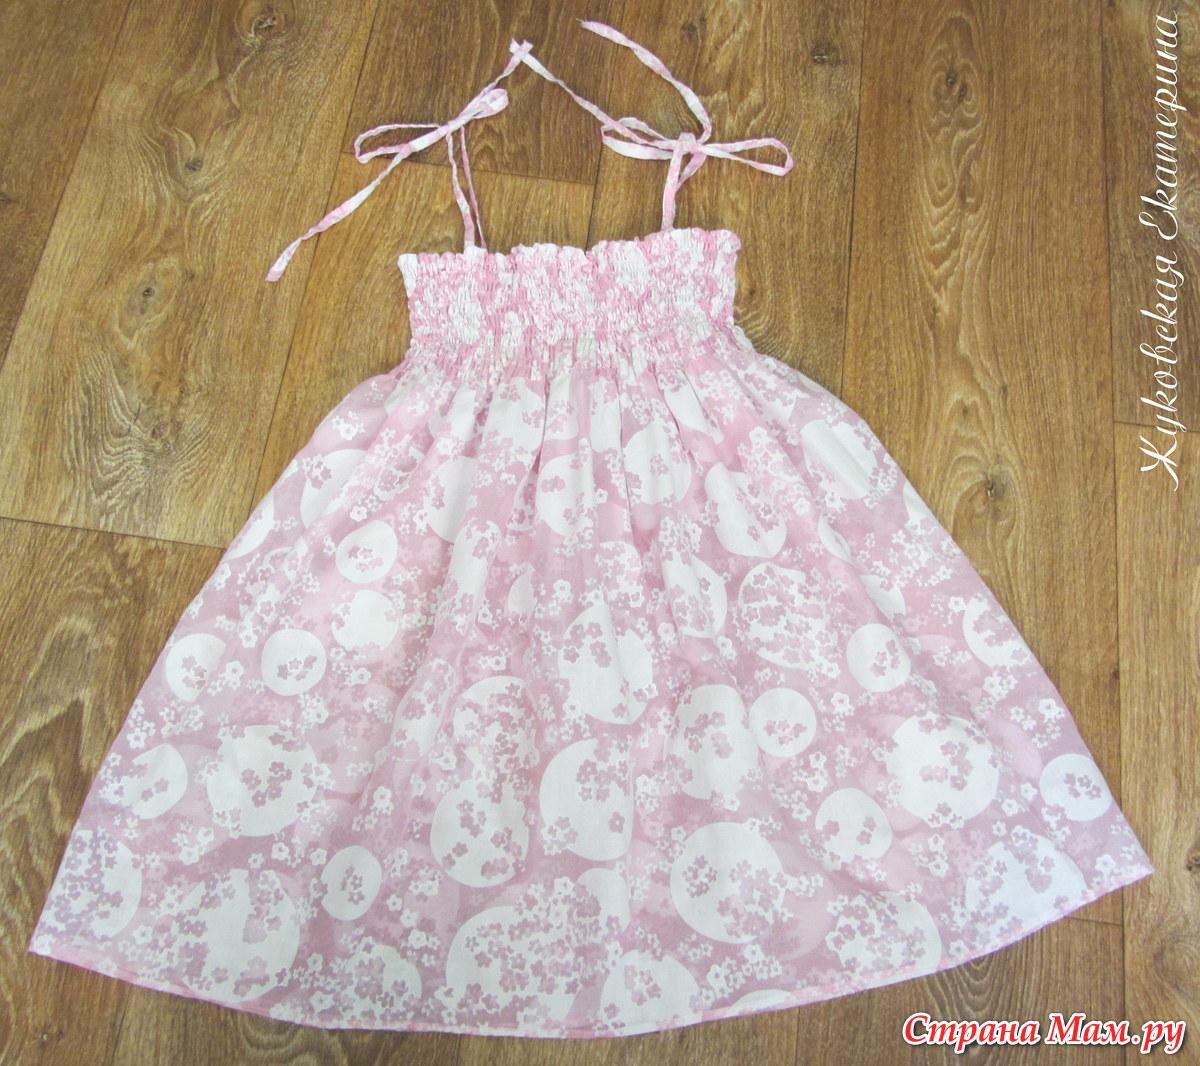 Сшить детское платье на резинке 333